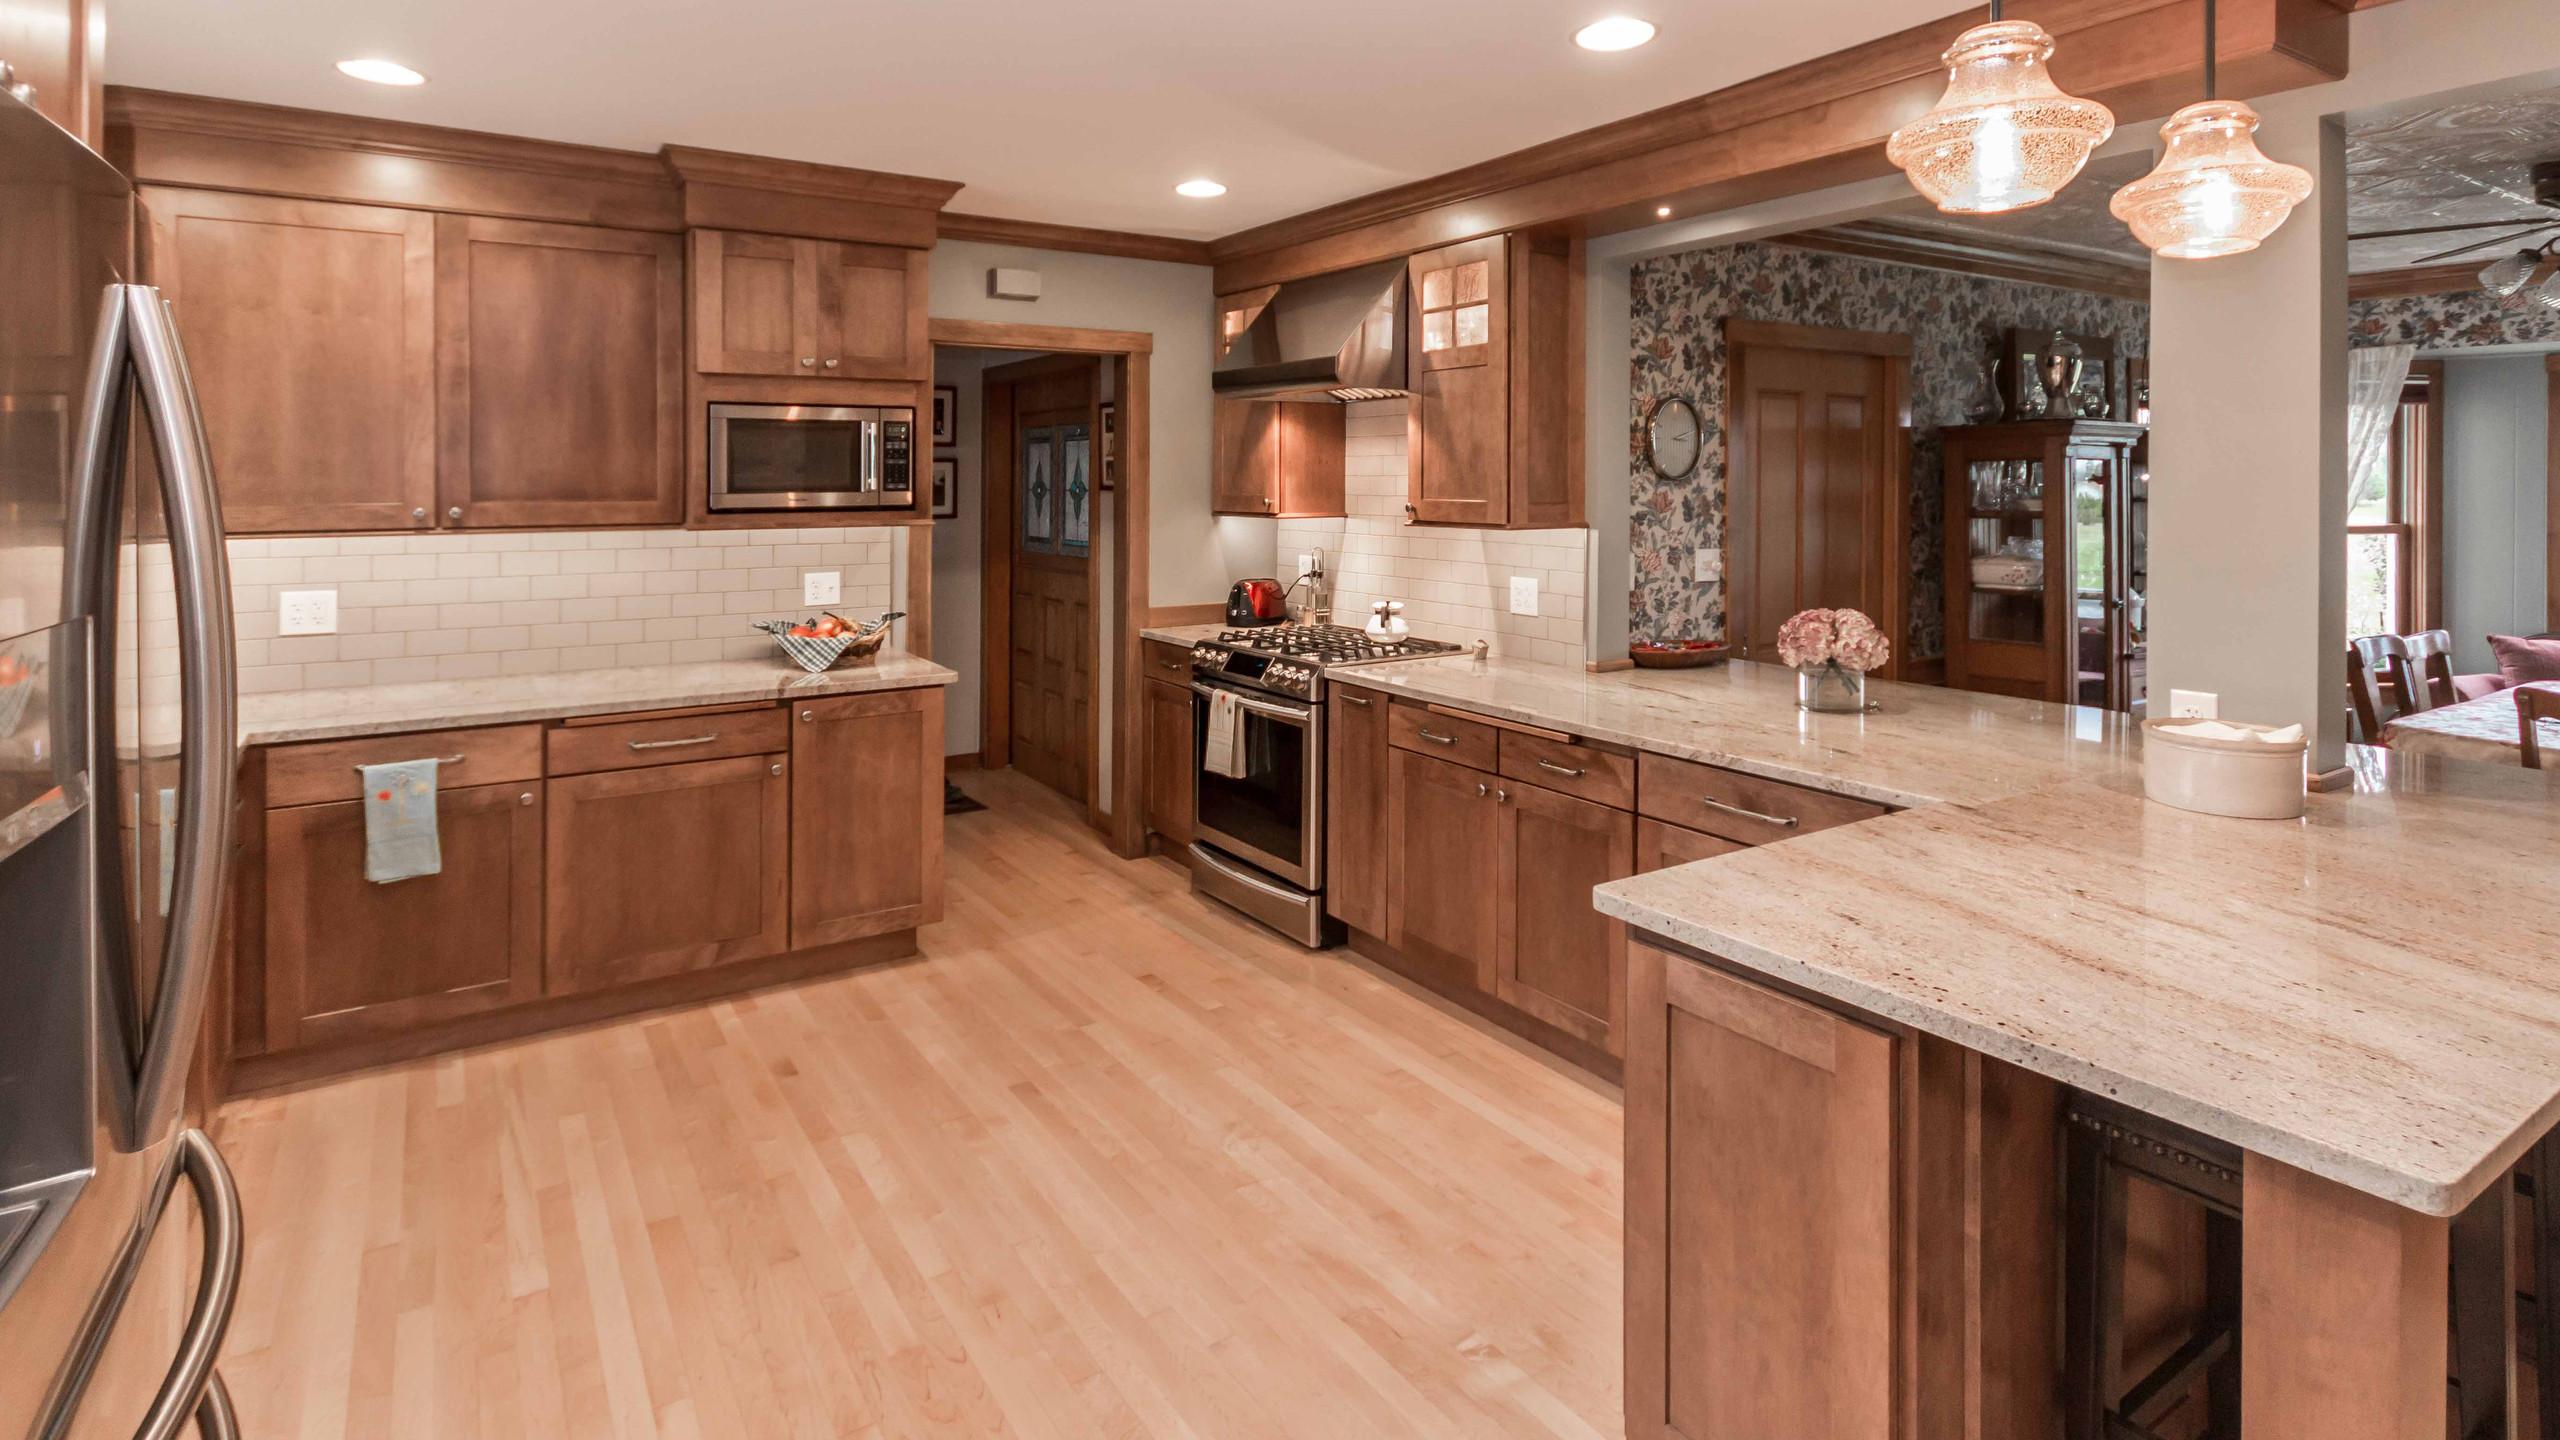 WEB KLM - Richardson Farmhouse kitchen remodel-7